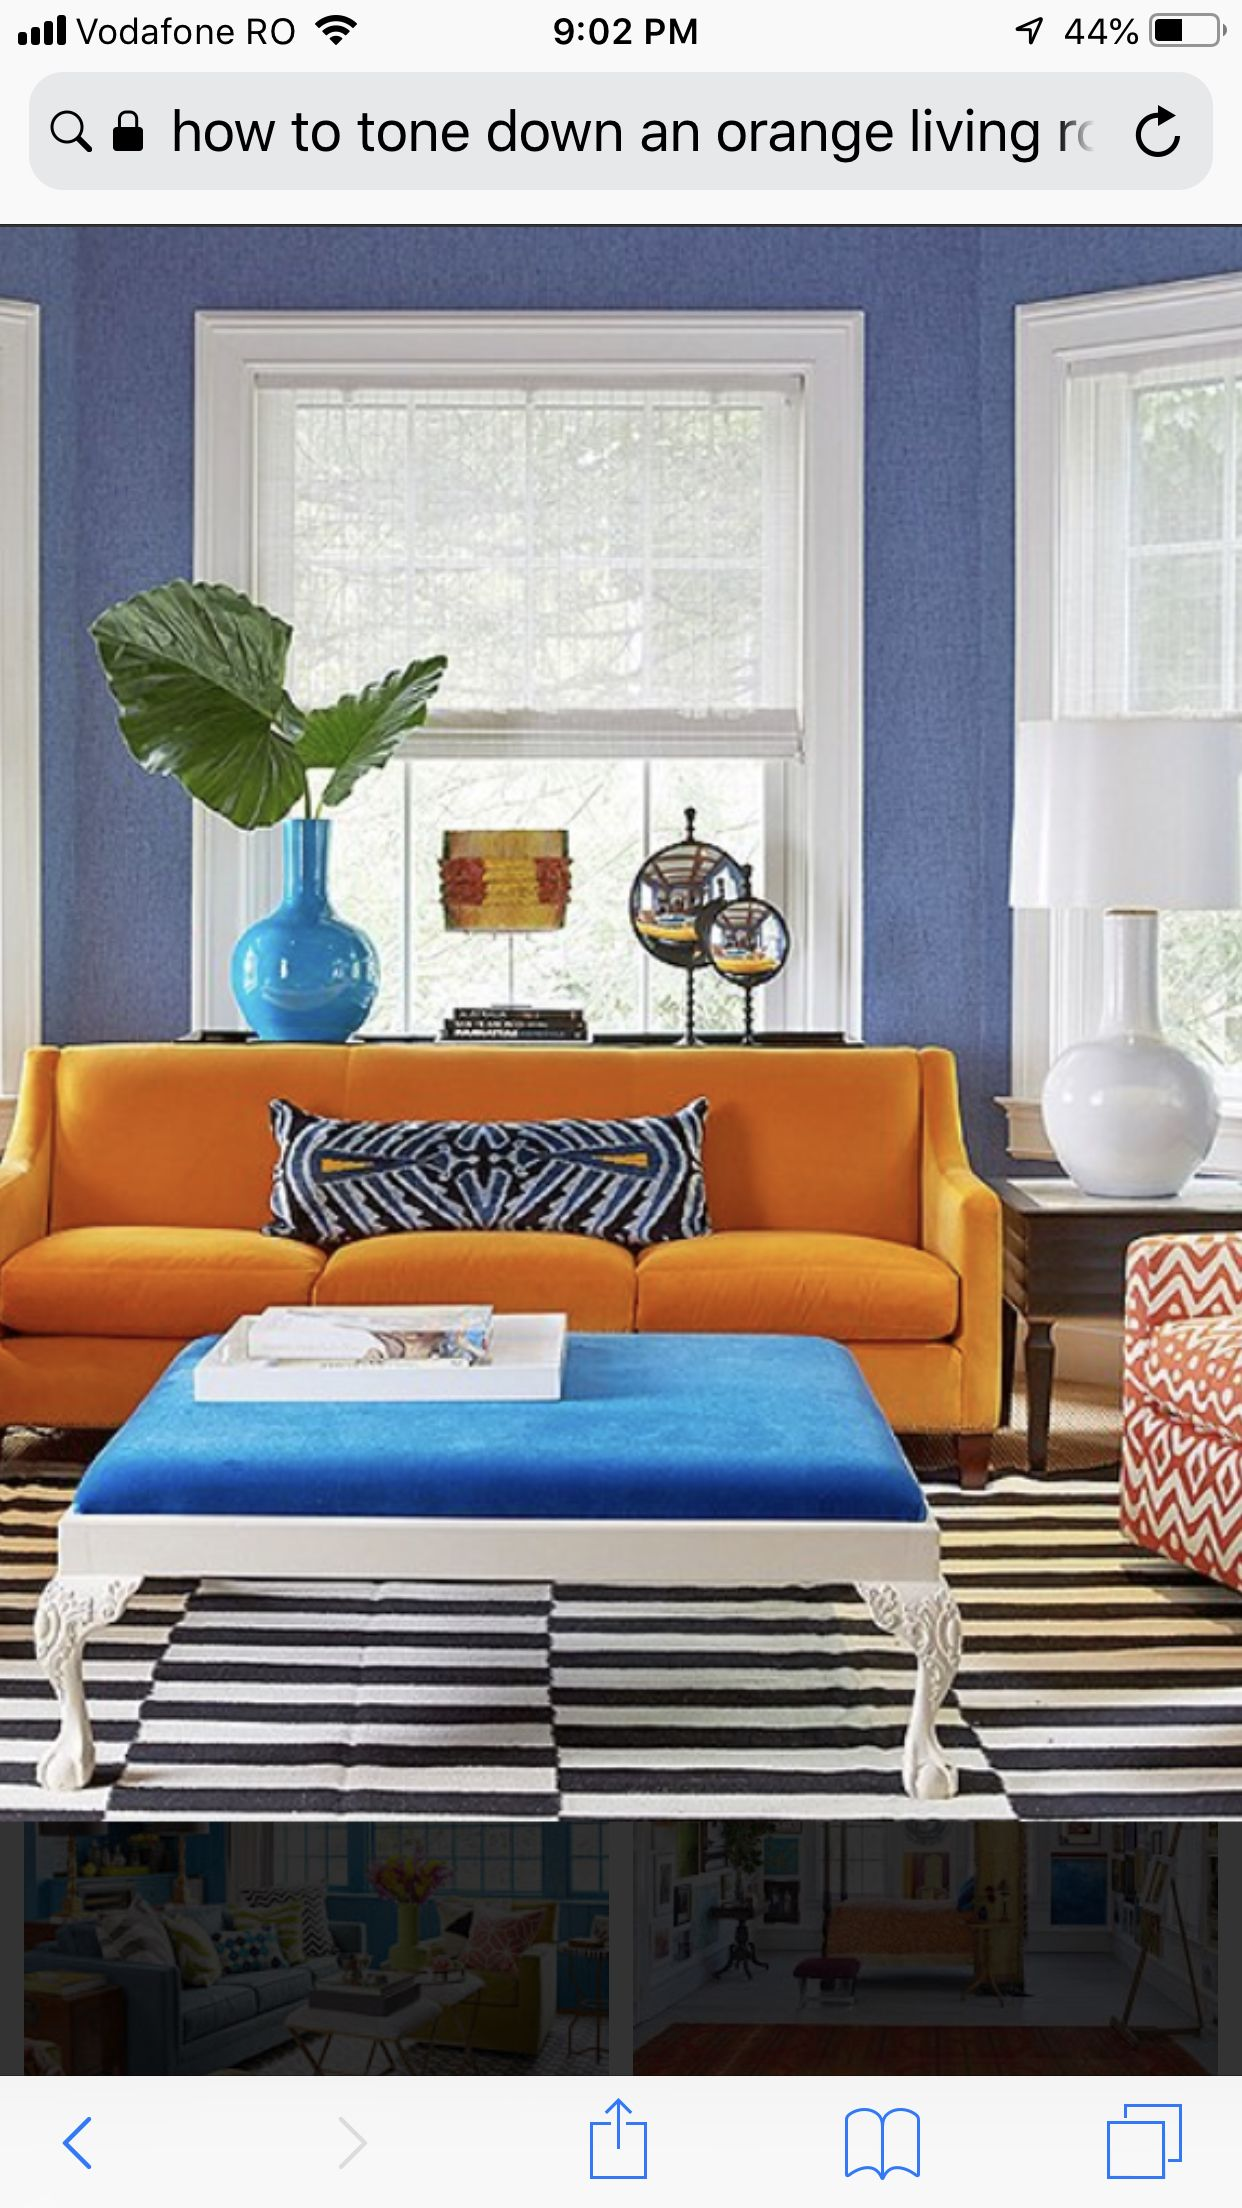 Pin by Ronda Barnes on Decor Decor, Home decor, Furniture